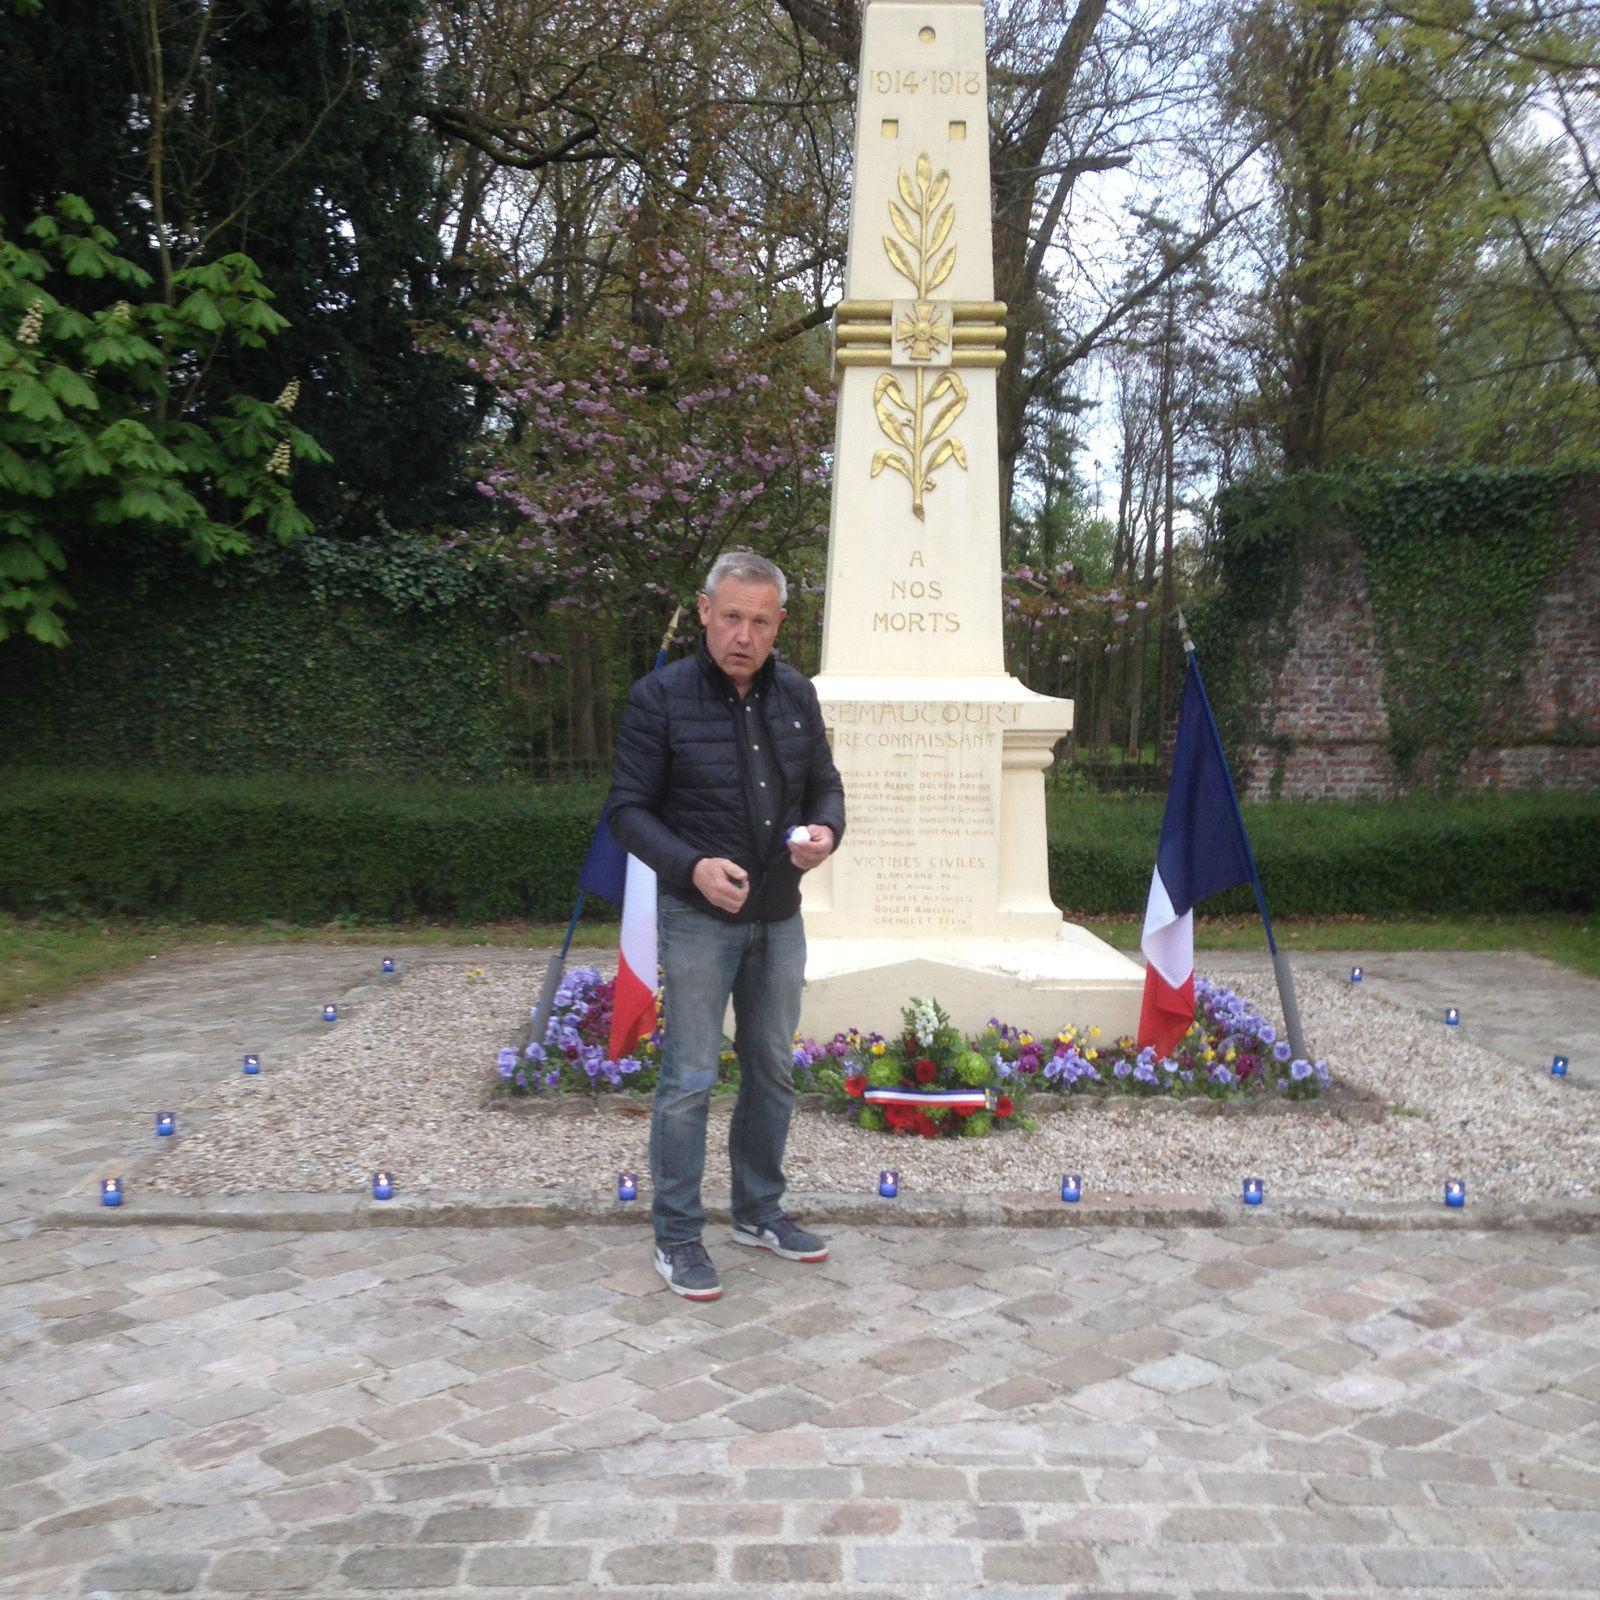 Merci à Dominique Marcel qui a assuré la mise en place des bougies bleues du souvenir.